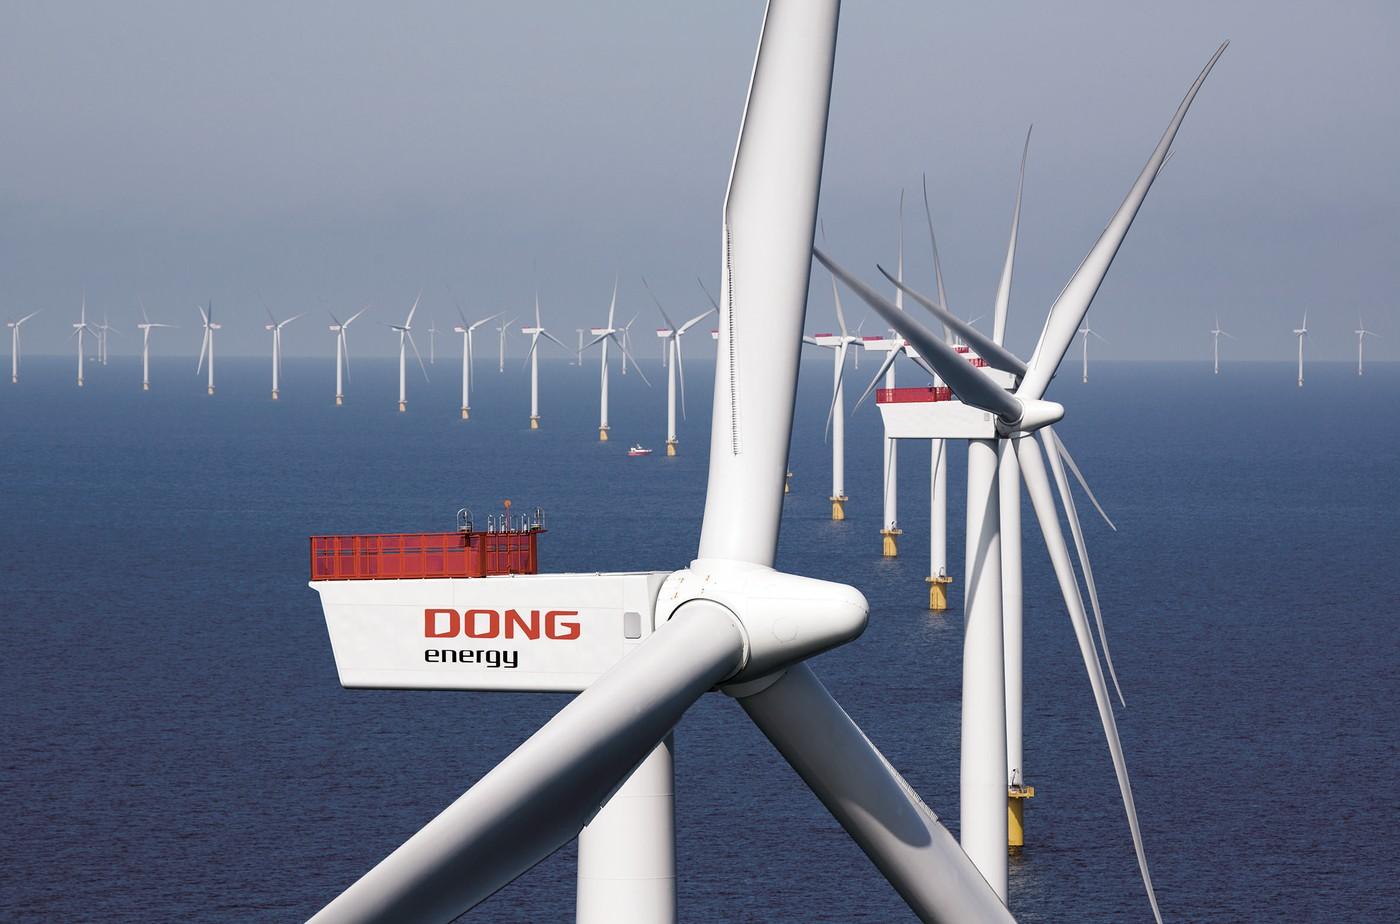 「離岸風力」能解決臺灣2025非核家園?丹麥大廠選彰化開發四座風場